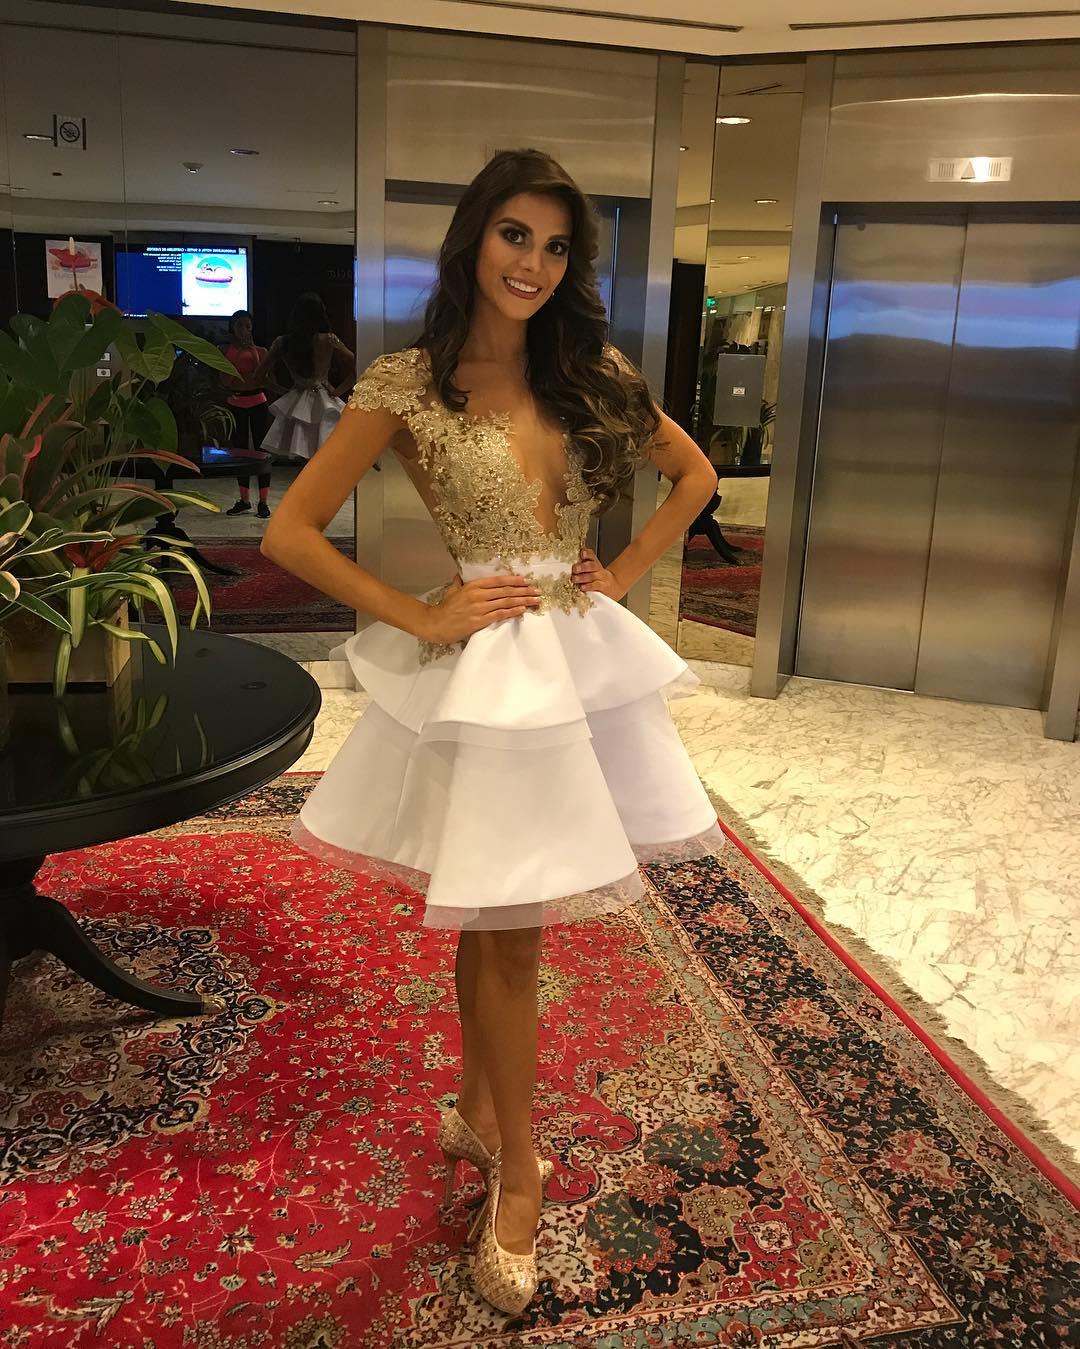 marvic marquez, top 15 de miss global beauty queen 2017, premio de best in bikini. 20766470_110714912945911_7266039914037248000_n